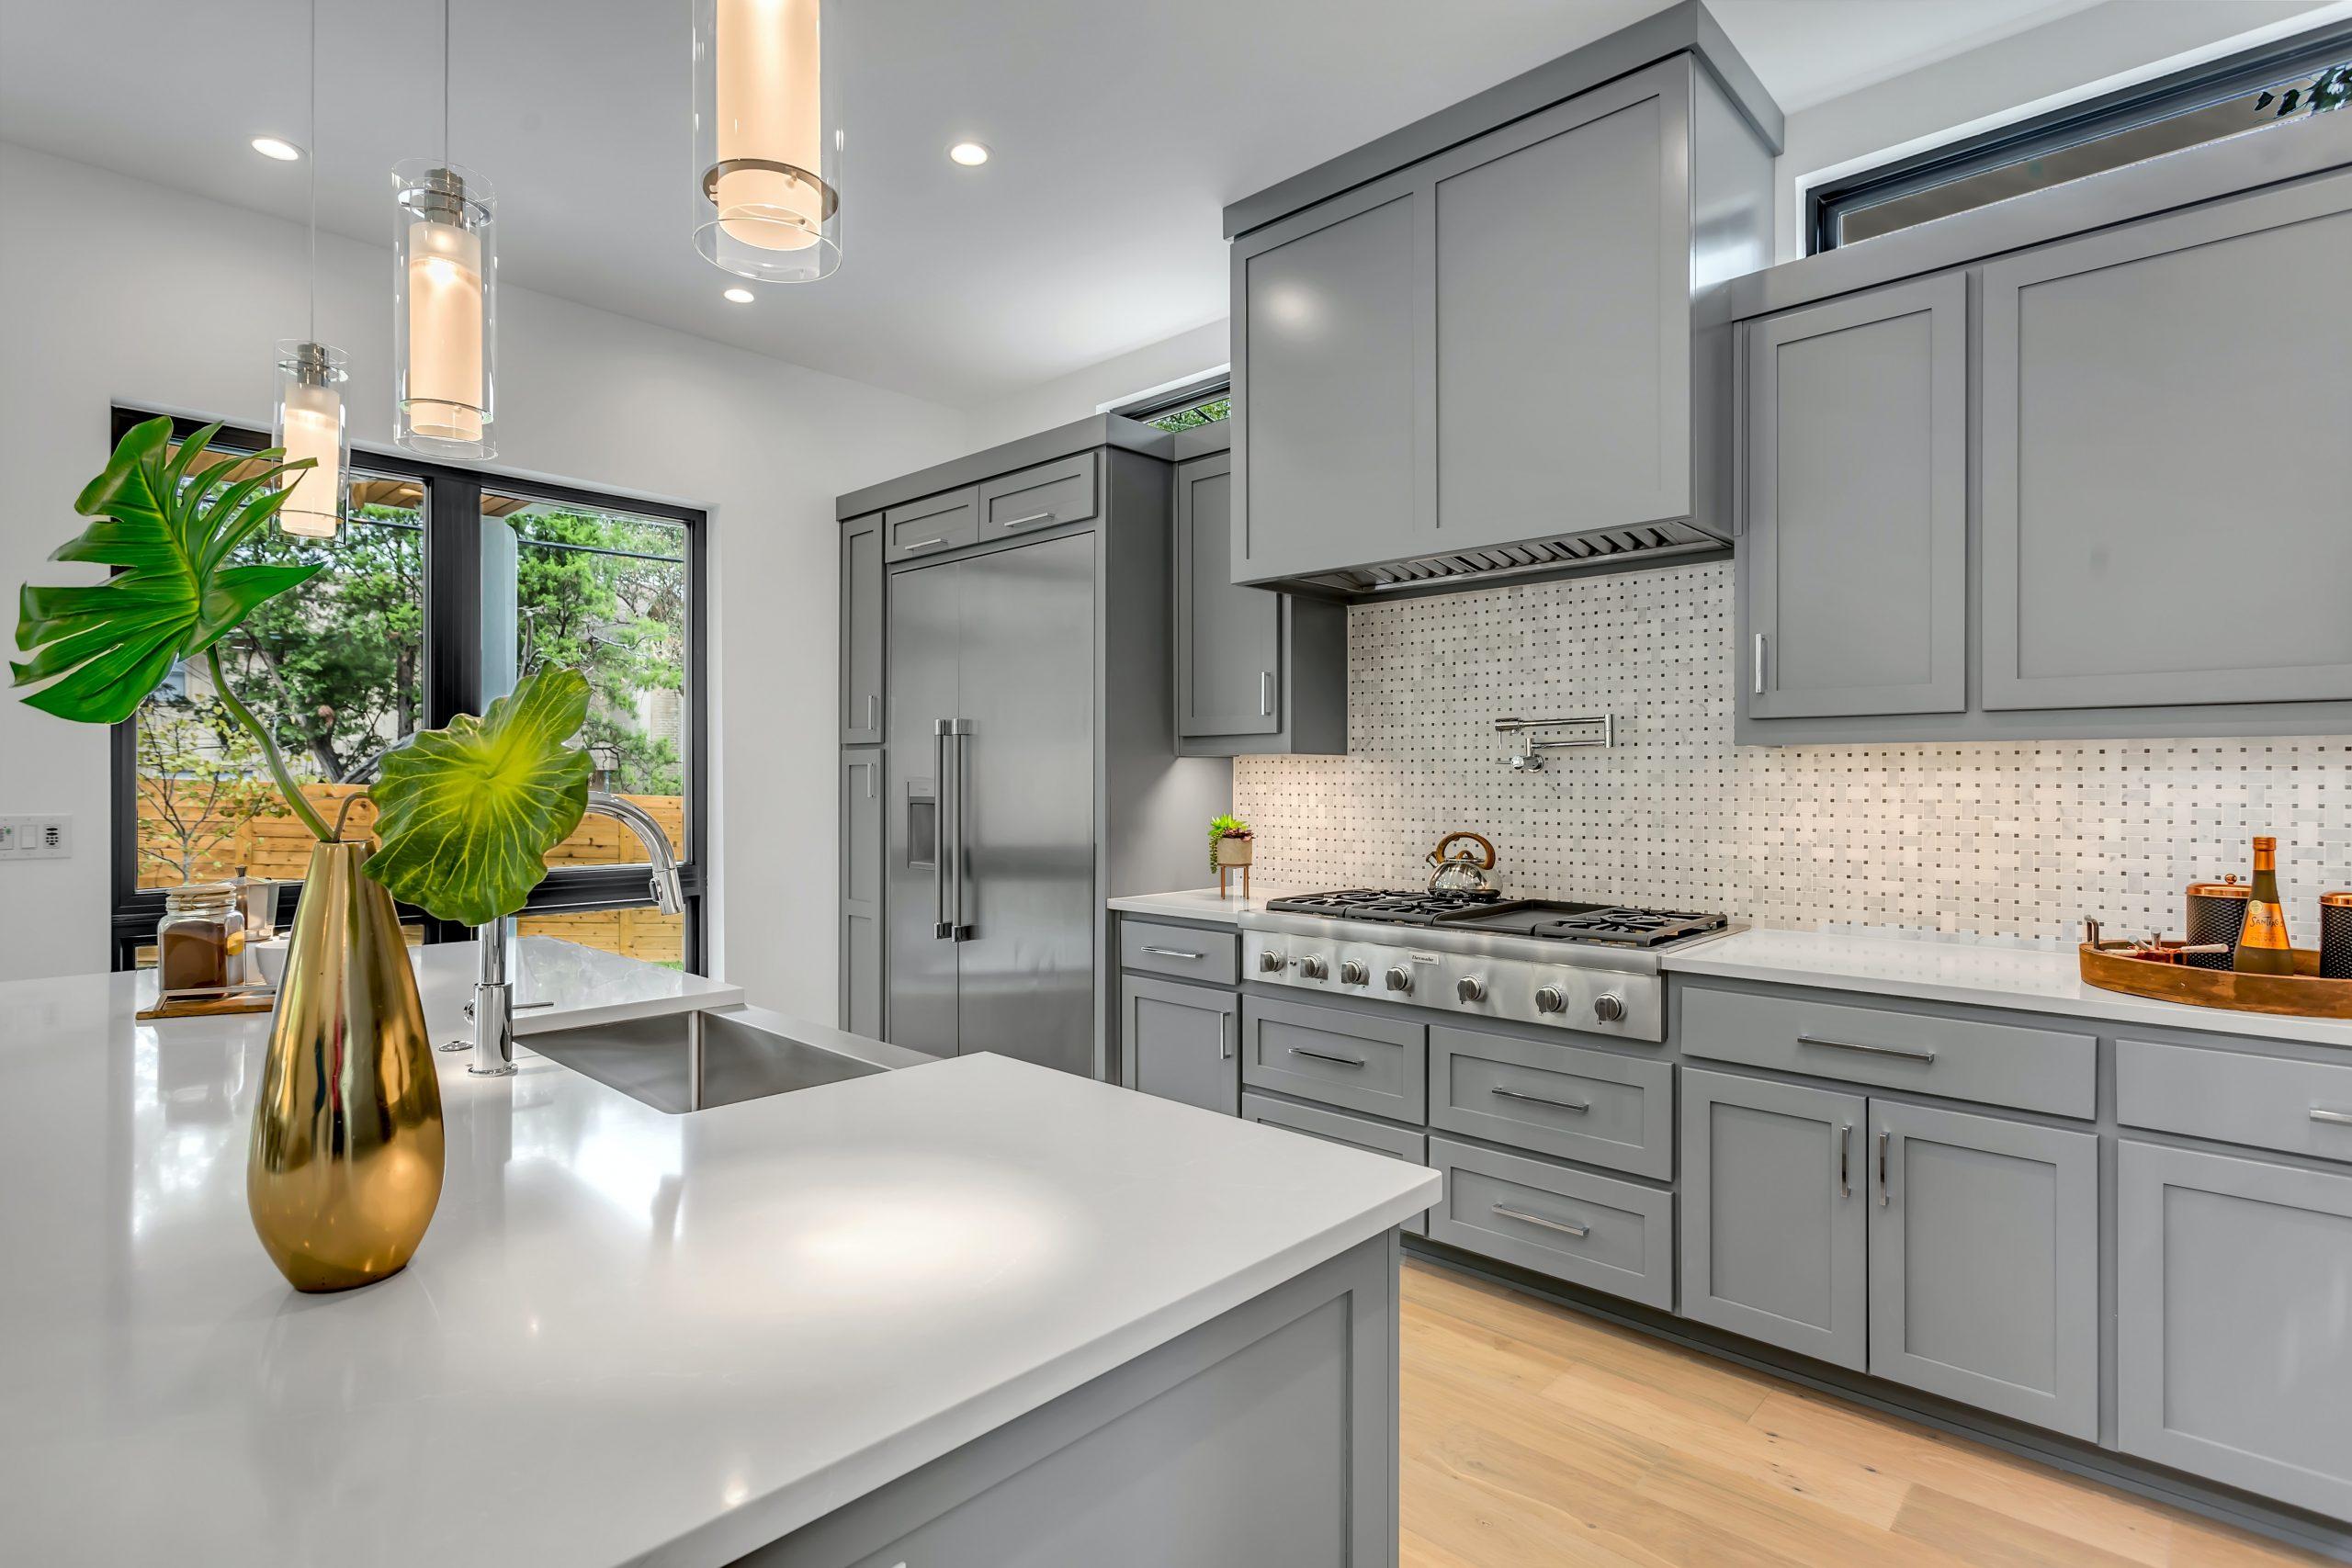 Gray Kitchen Cabinets Quartz Counters